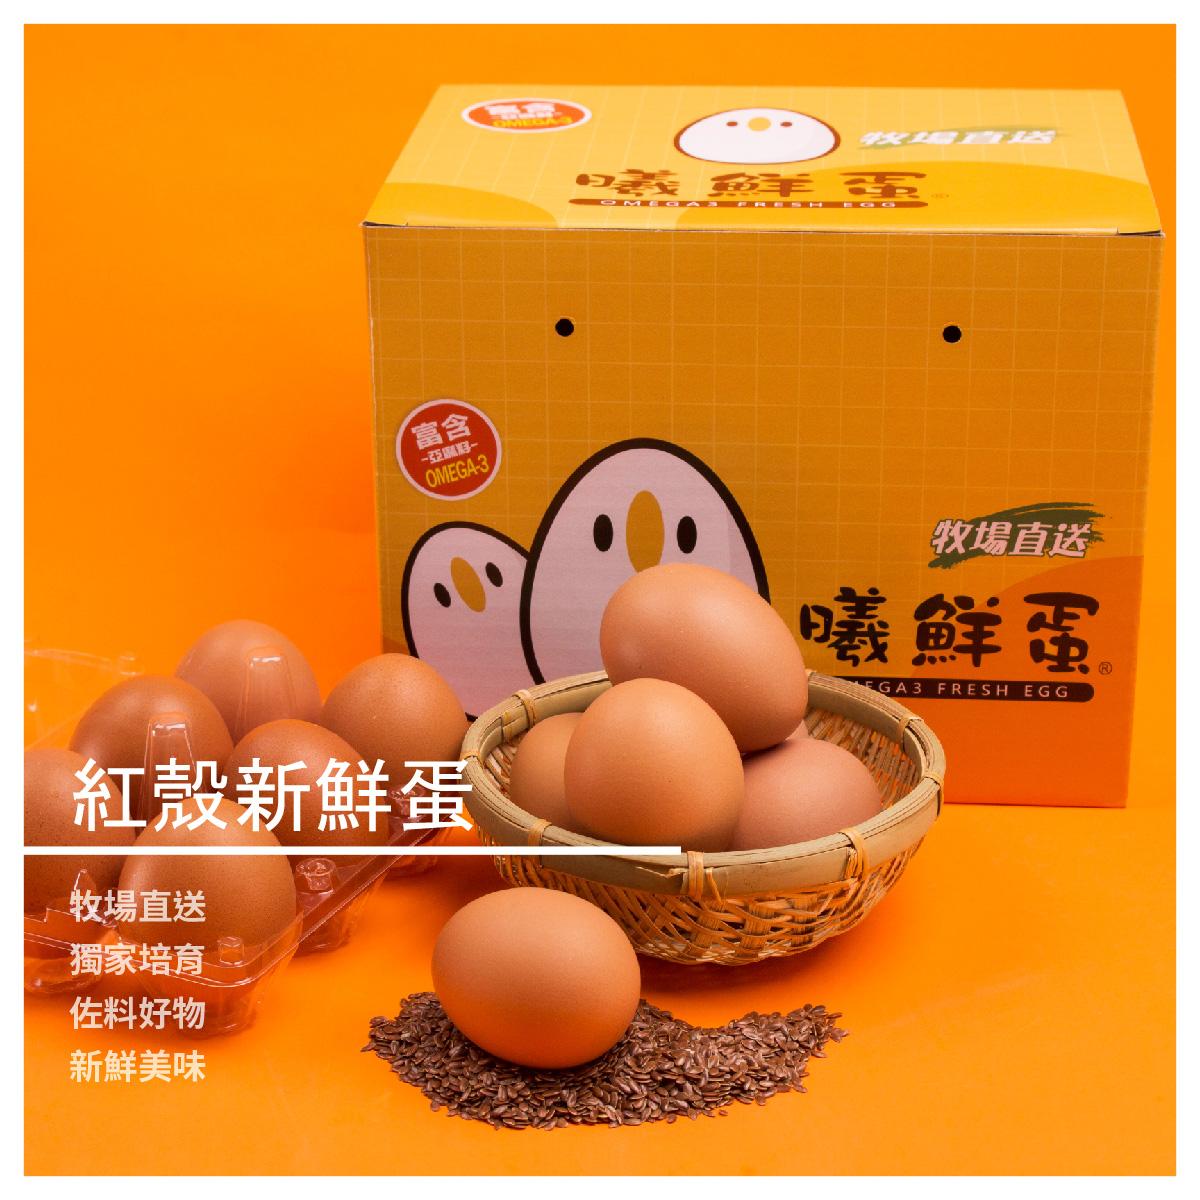 曦鮮蛋獨家技術培育 配合完善的設備及定時定量的飼養 更在飼料裡添加了益生菌、亞麻籽0mega-3 從源頭到產出,任何過程從不馬虎 為的就是要讓您品嚐的到這新鮮又豐富的雞蛋 濃郁的好滋味,適合使用於各式